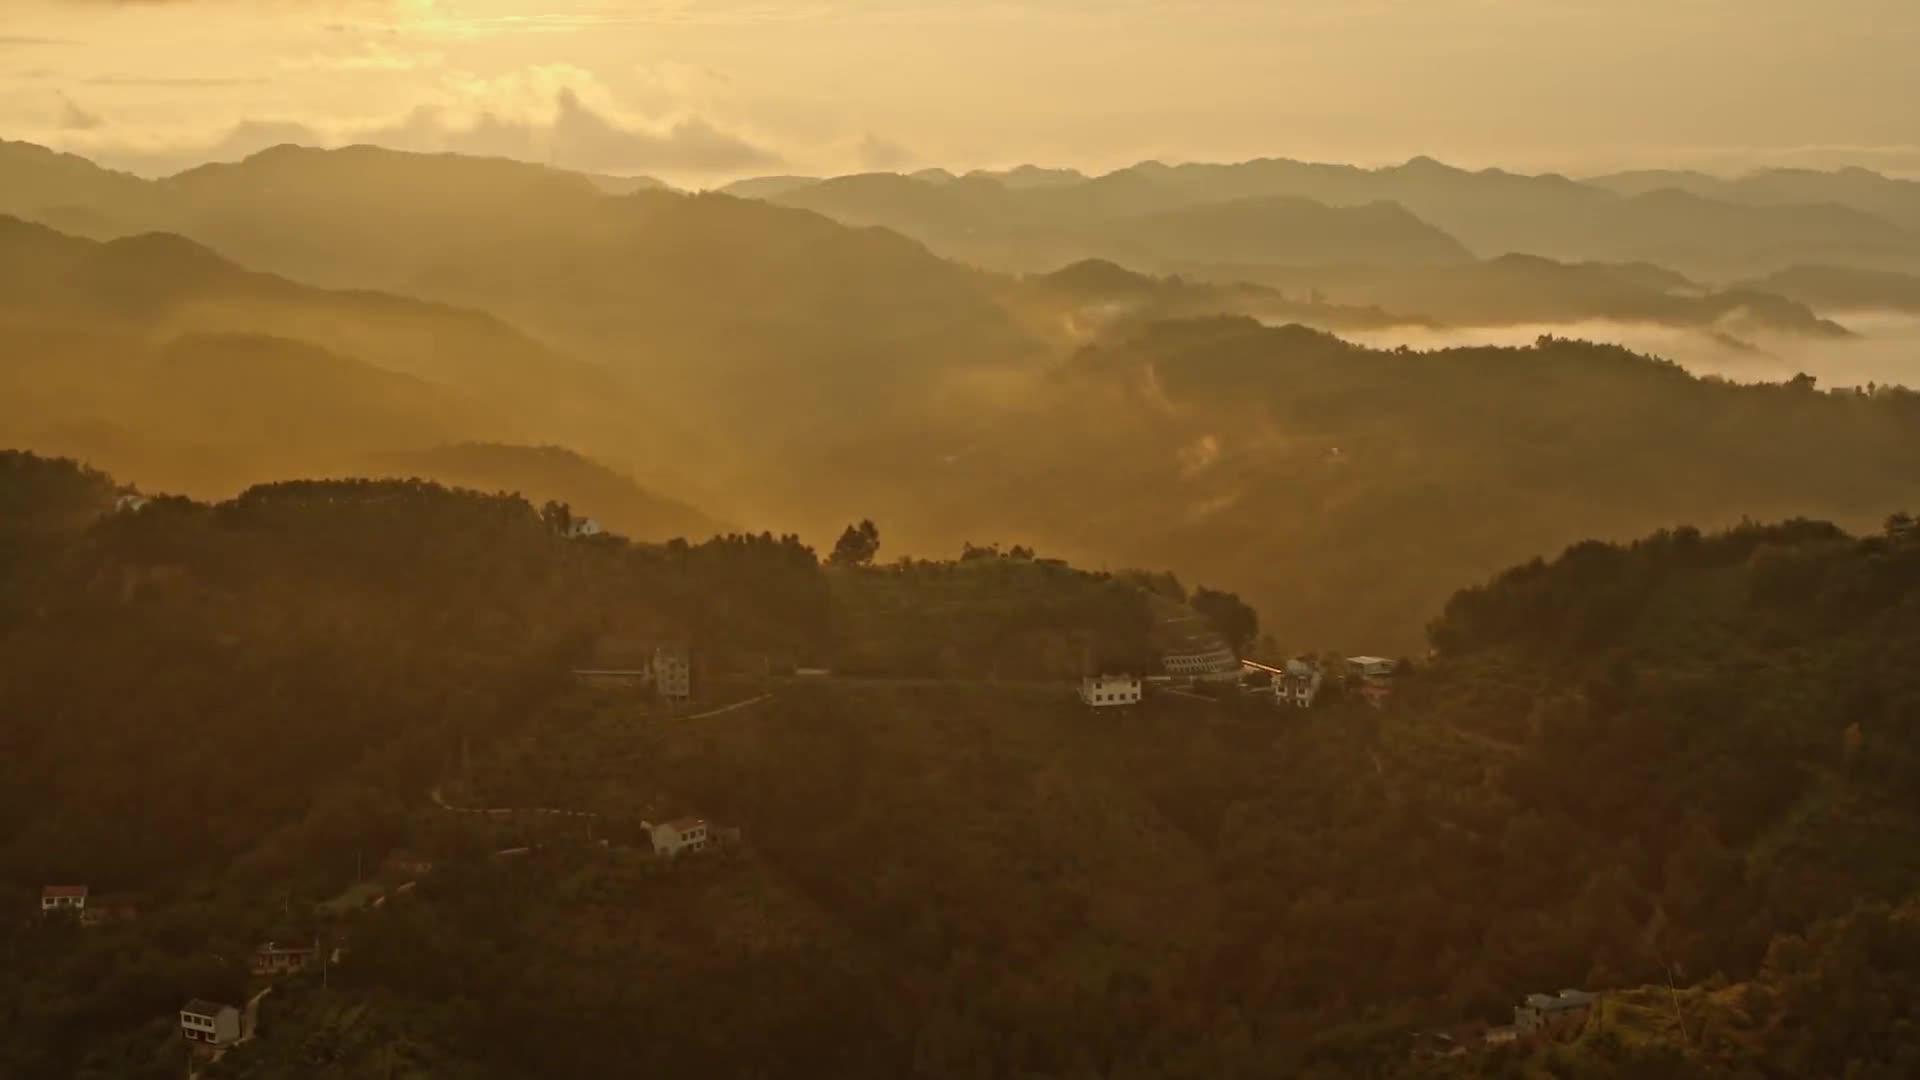 瀛湖揽月音乐会——《太阳出来喜洋洋》